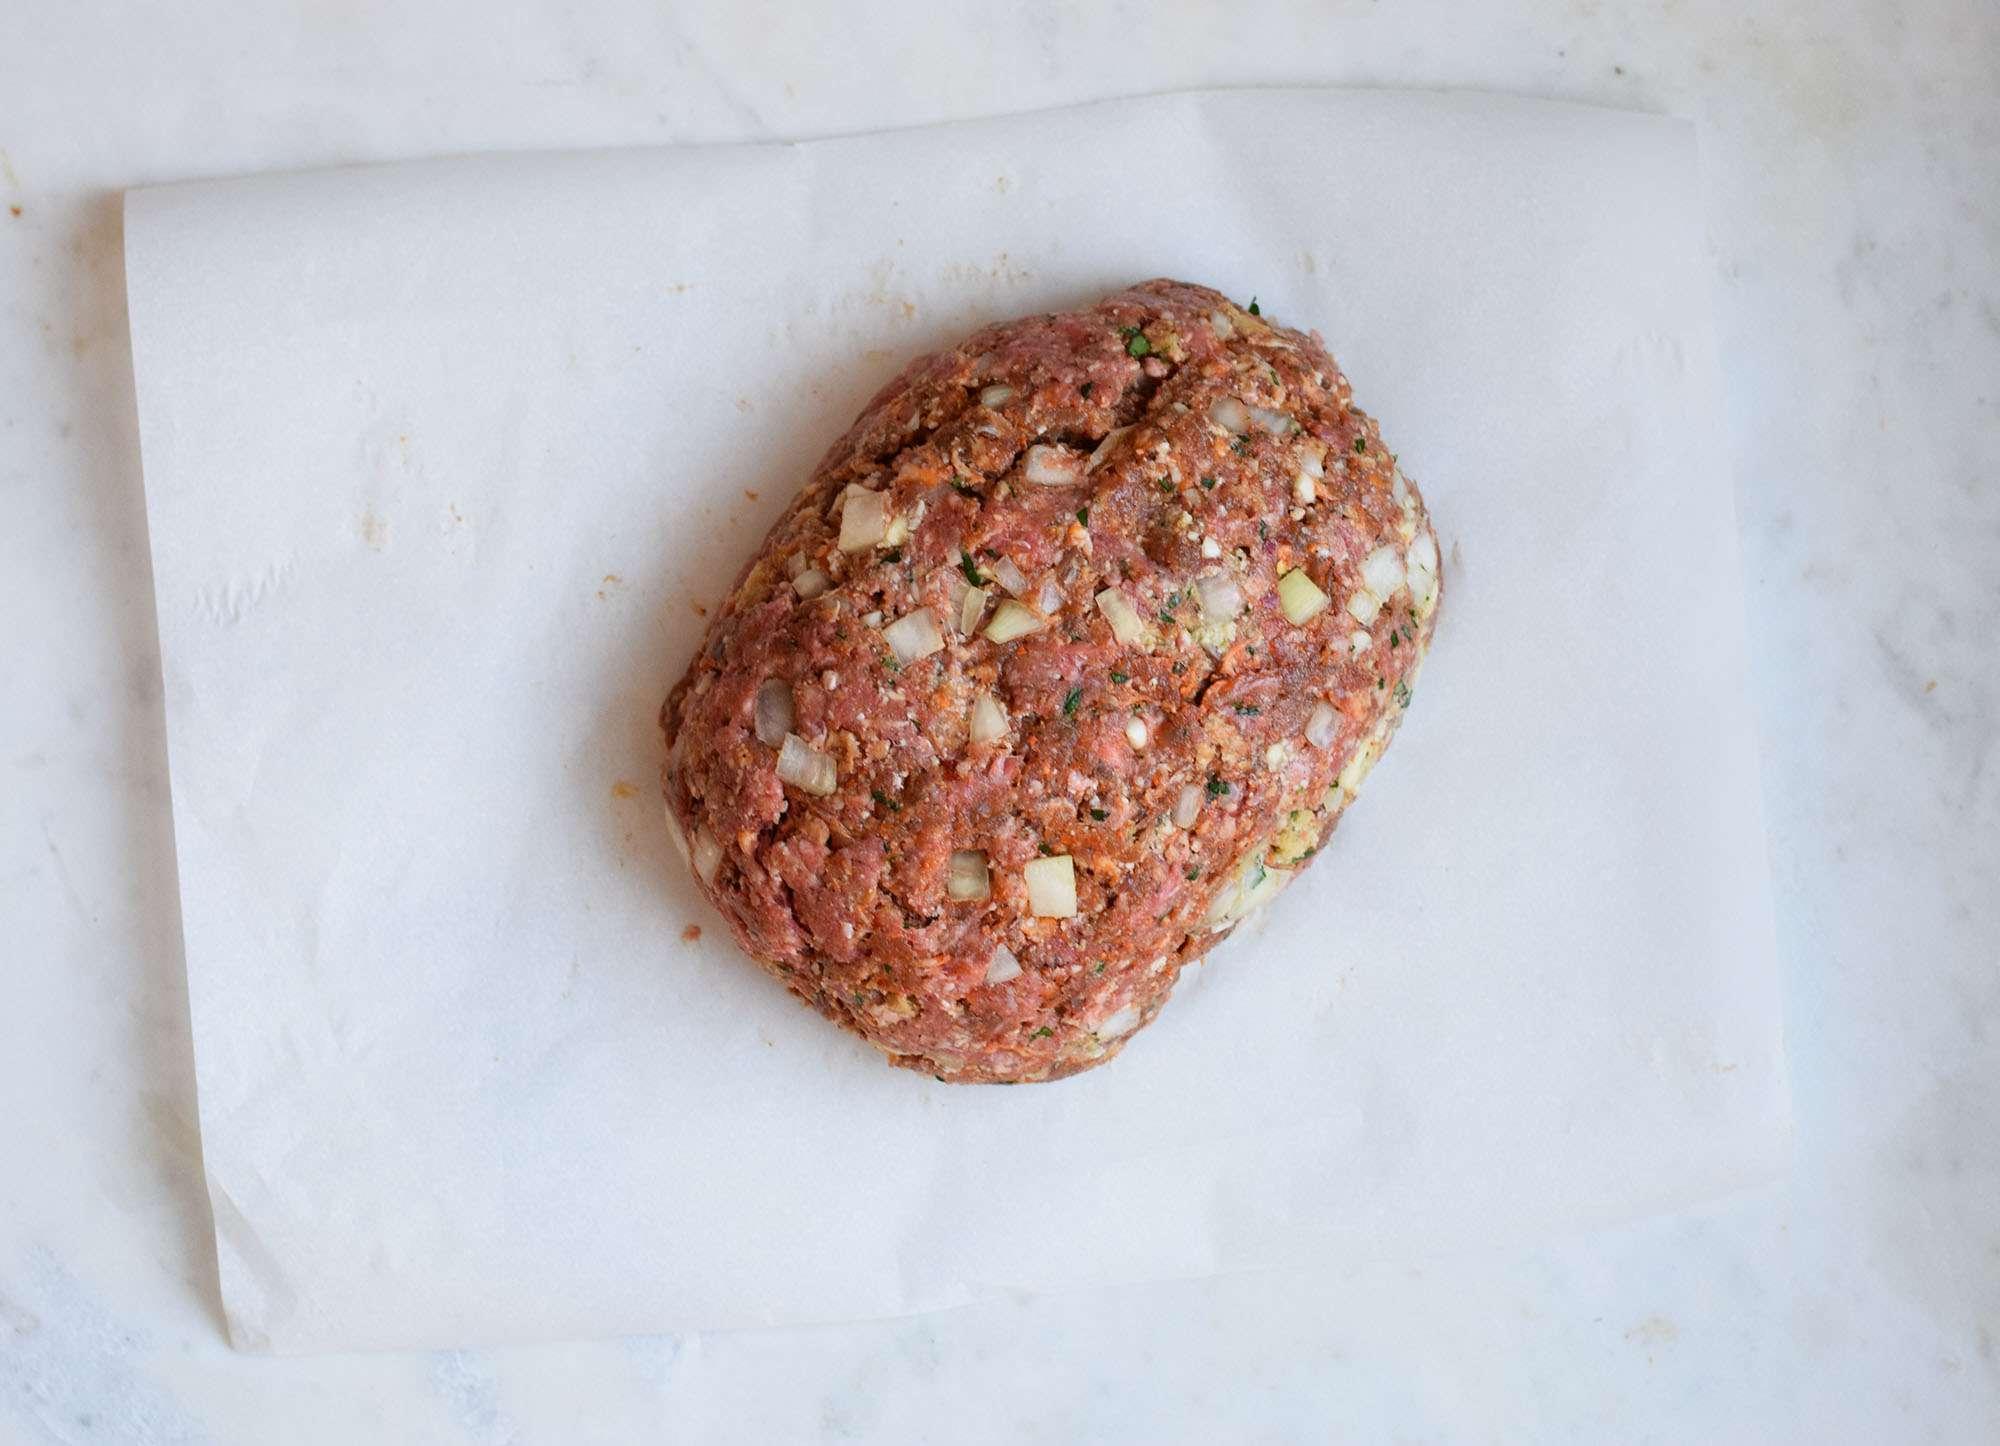 meatloaf formed in a loaf